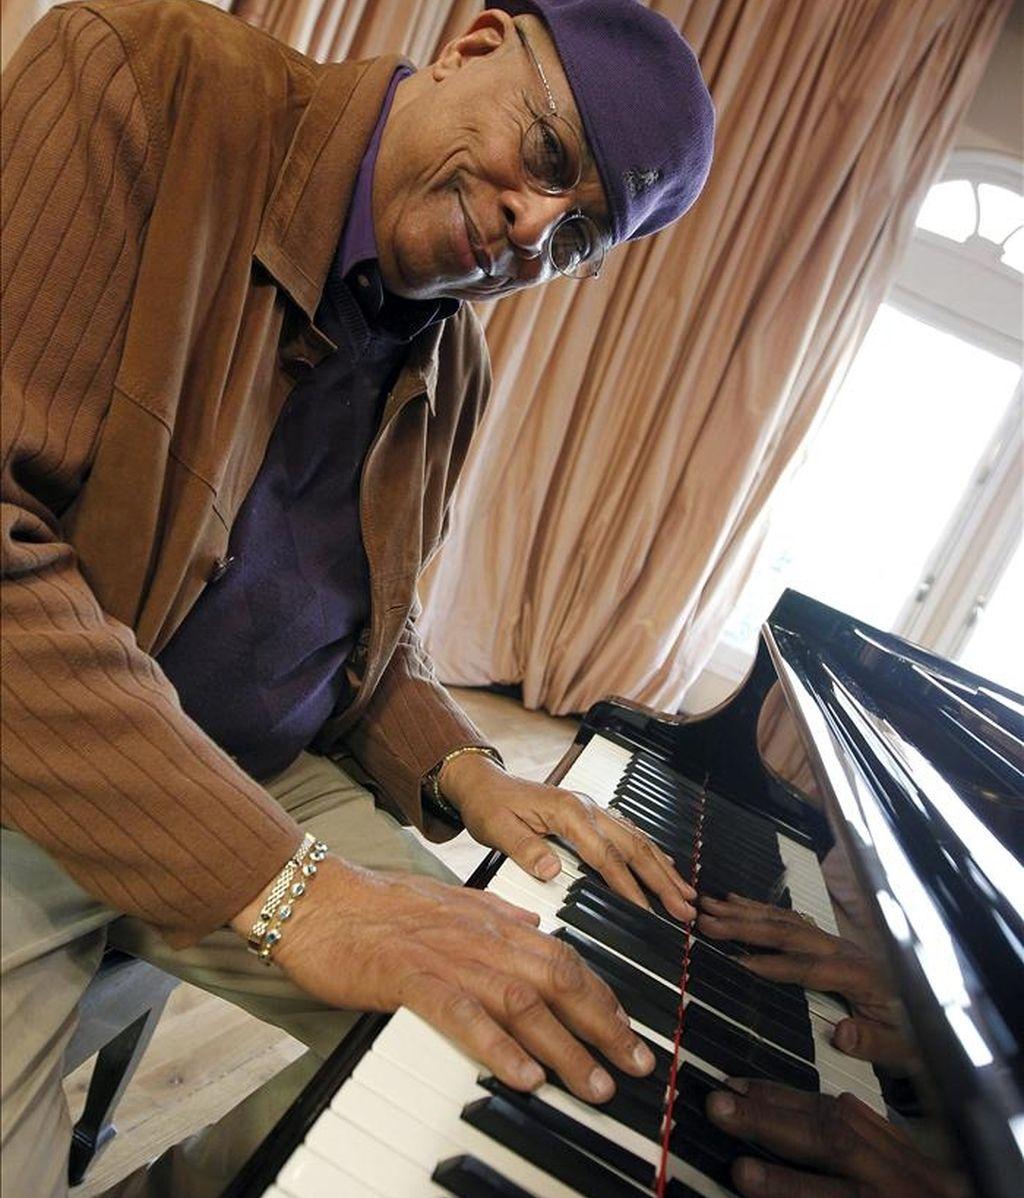 """El pianista cubano Dioniso de Jesús """"Chucho Valdés"""", que será investido, junto a Bebo Valdés, Doctor Honoris Causa por el Berklee College of Music de Boston (EEUU) el 7 de mayo, durante una entrevista con Efe en la que ha dicho que este hecho es un reconocimiento que dará """"una dimensión mayor al conjunto de los músicos que comparten las raíces del jazz latino"""". EFE"""